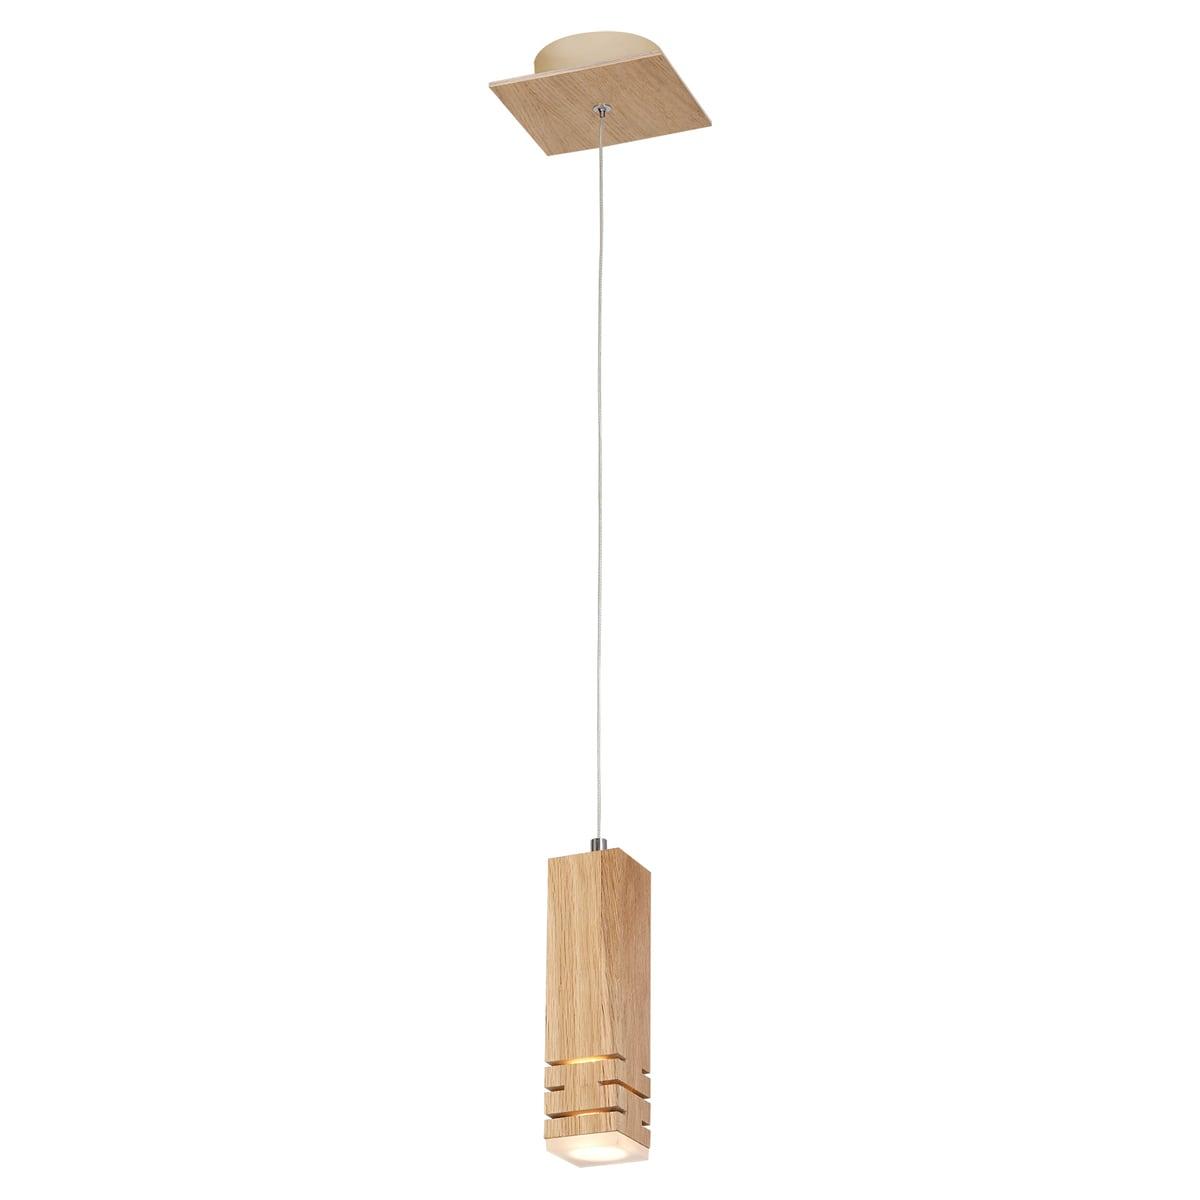 Závěsná svítilna Milagro BERGEN 574 Přírodní dřevo 5W